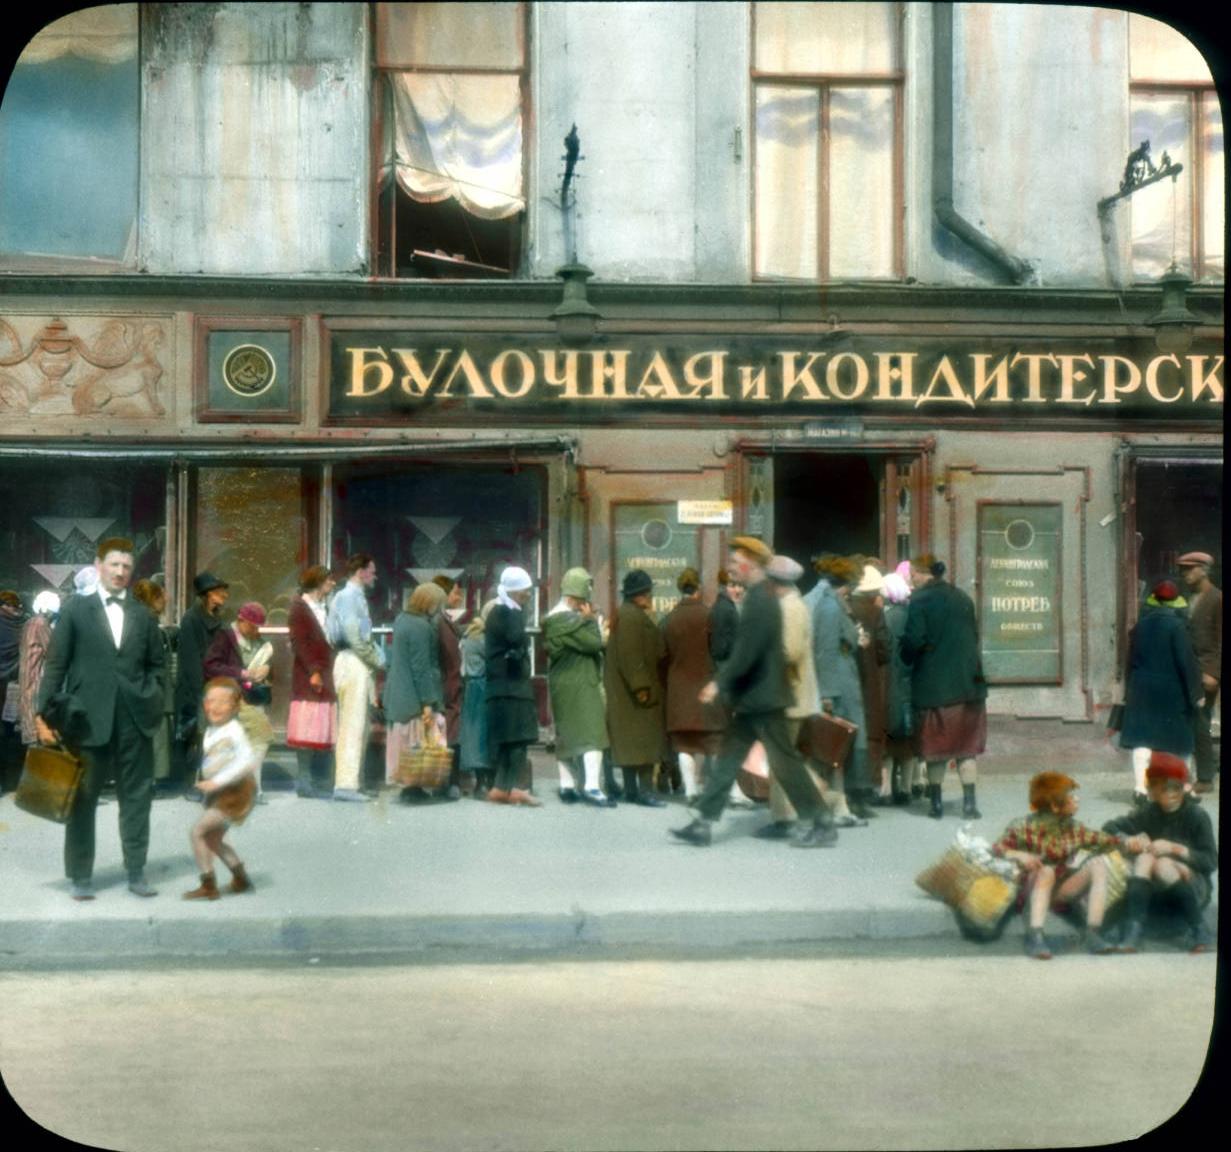 Санкт-Петербург. Невский проспект, очередь за хлебом